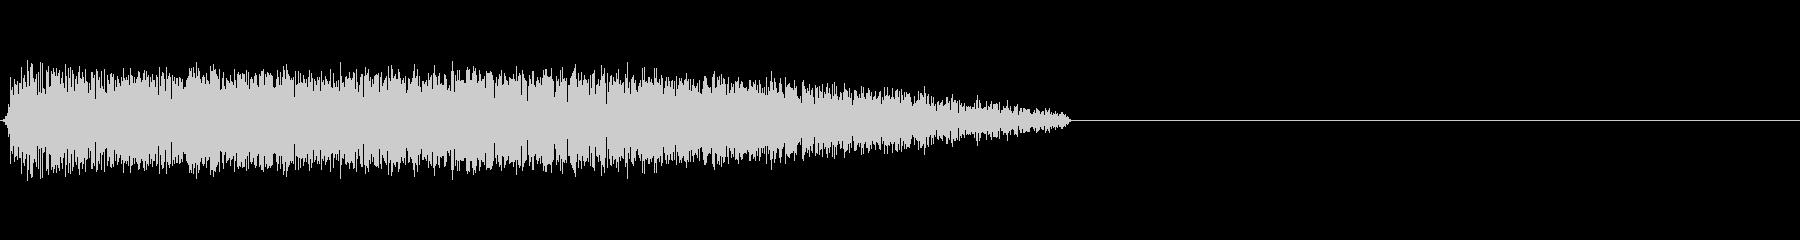 LoFiドラムキット08-シンバル02の未再生の波形